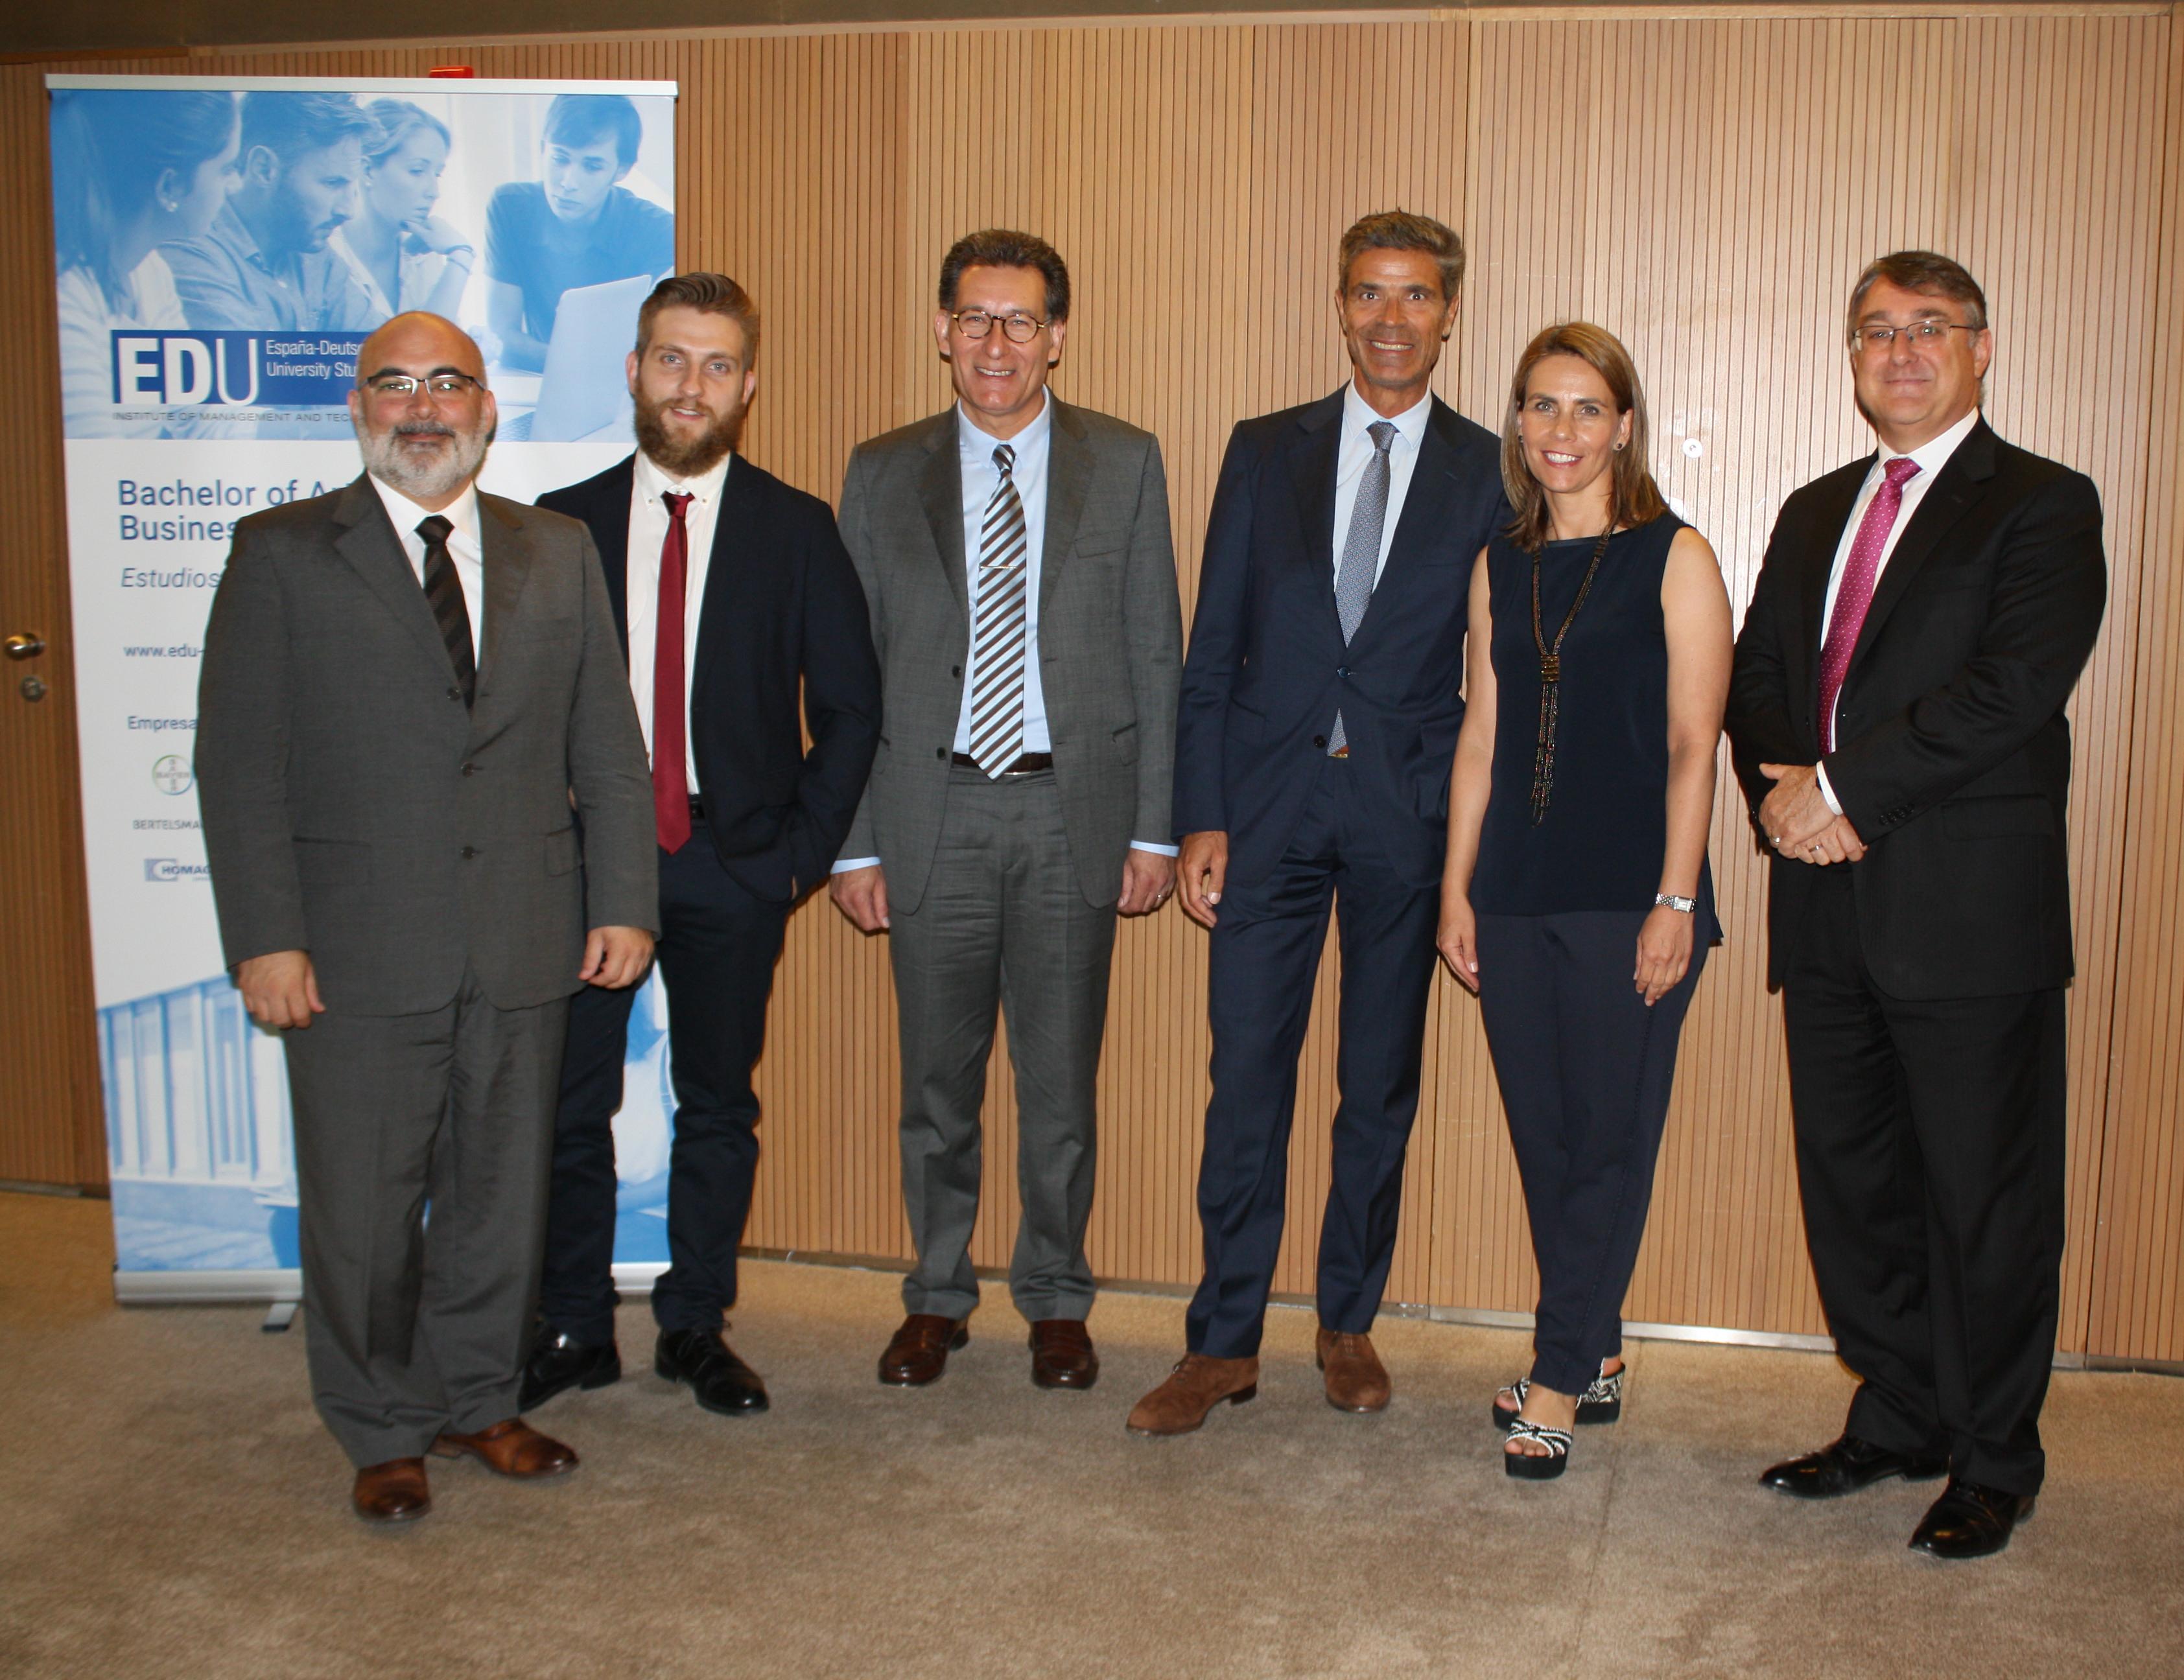 El talent centra la nova edició del Fòrum Professional de Rius Consultors